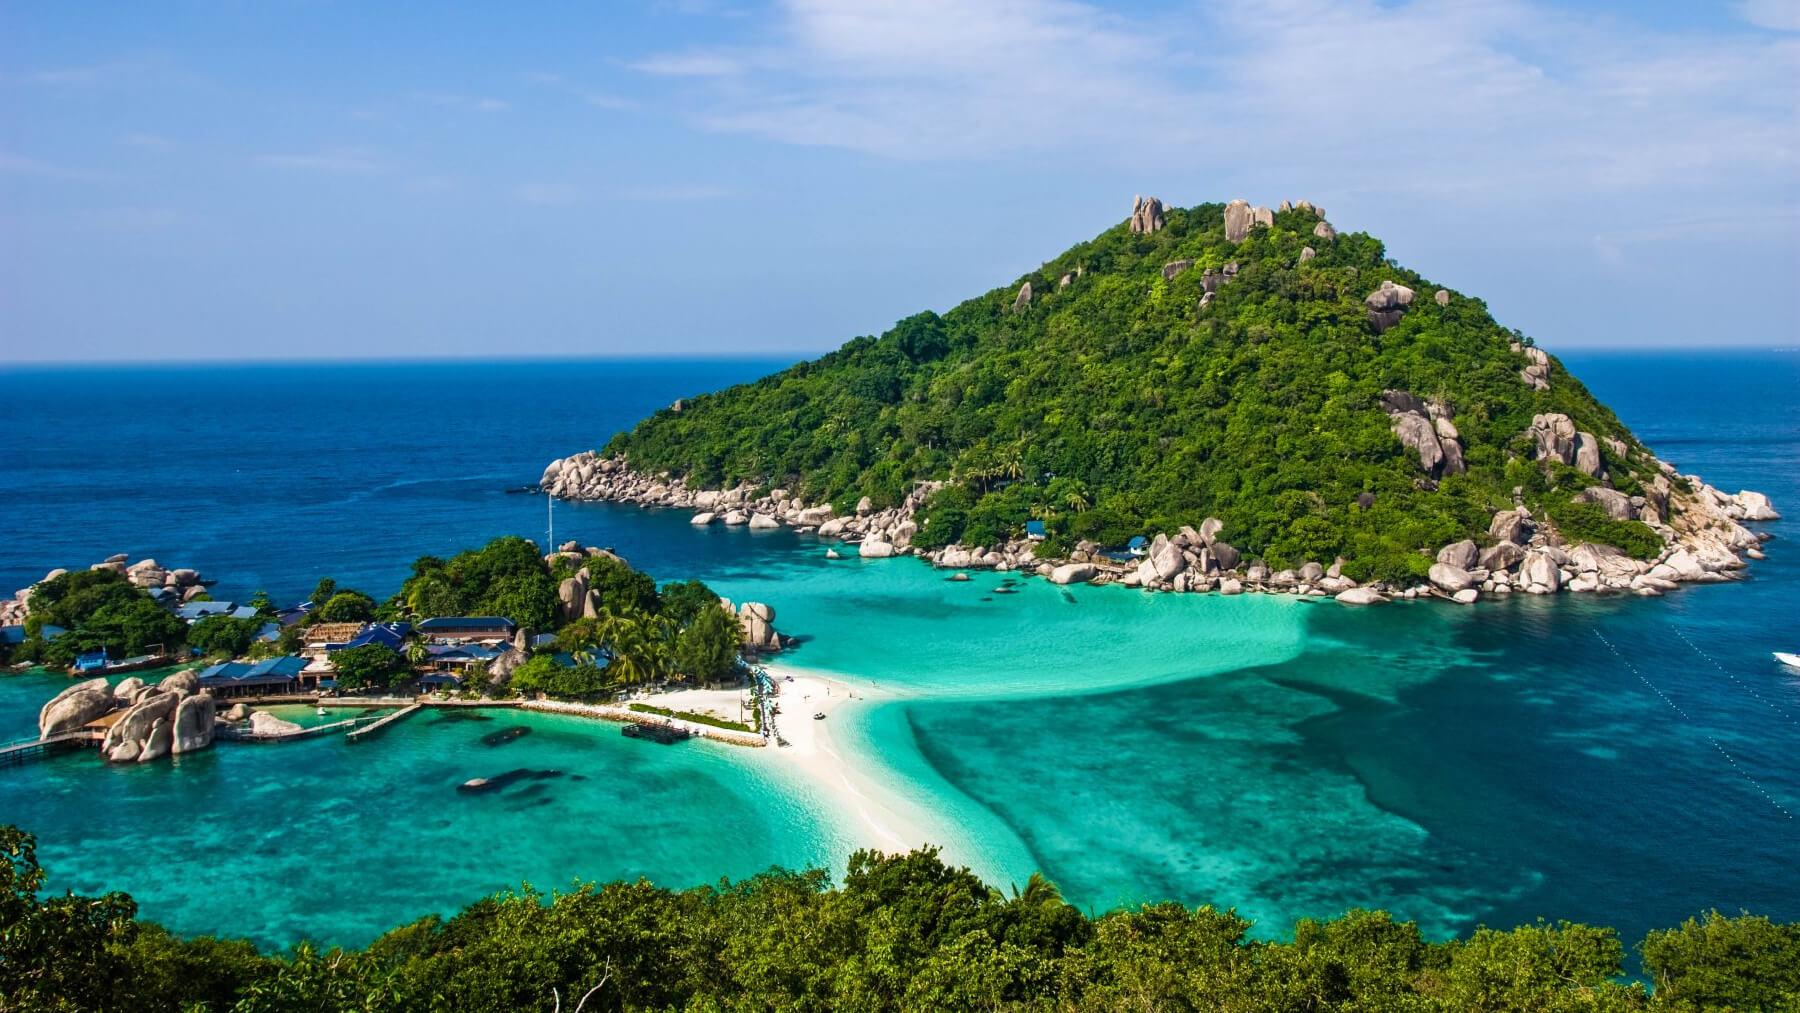 таиланд пхукет все острова в картинках загорулько курировал